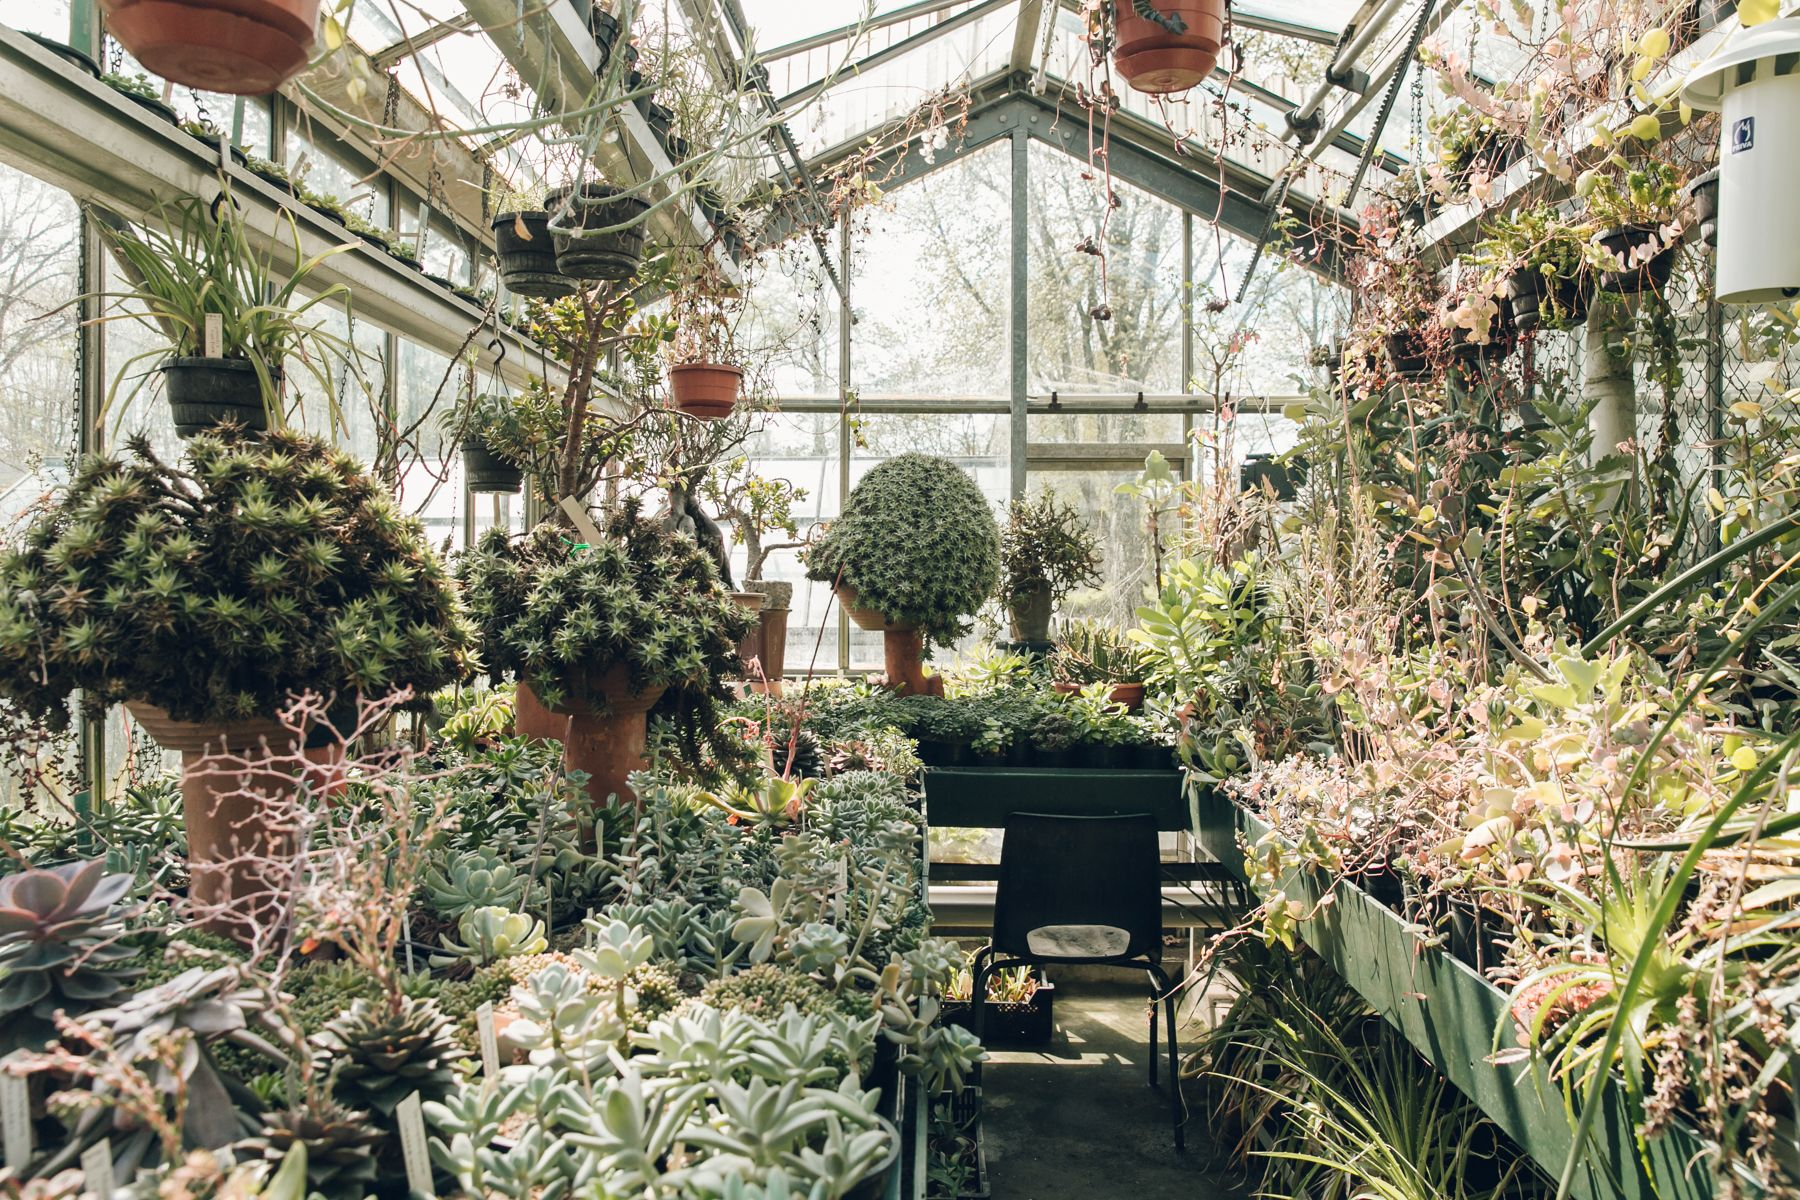 Botanische Tuin Amsterdam : Botanische tuin zuidas u amsterdam greens tuin